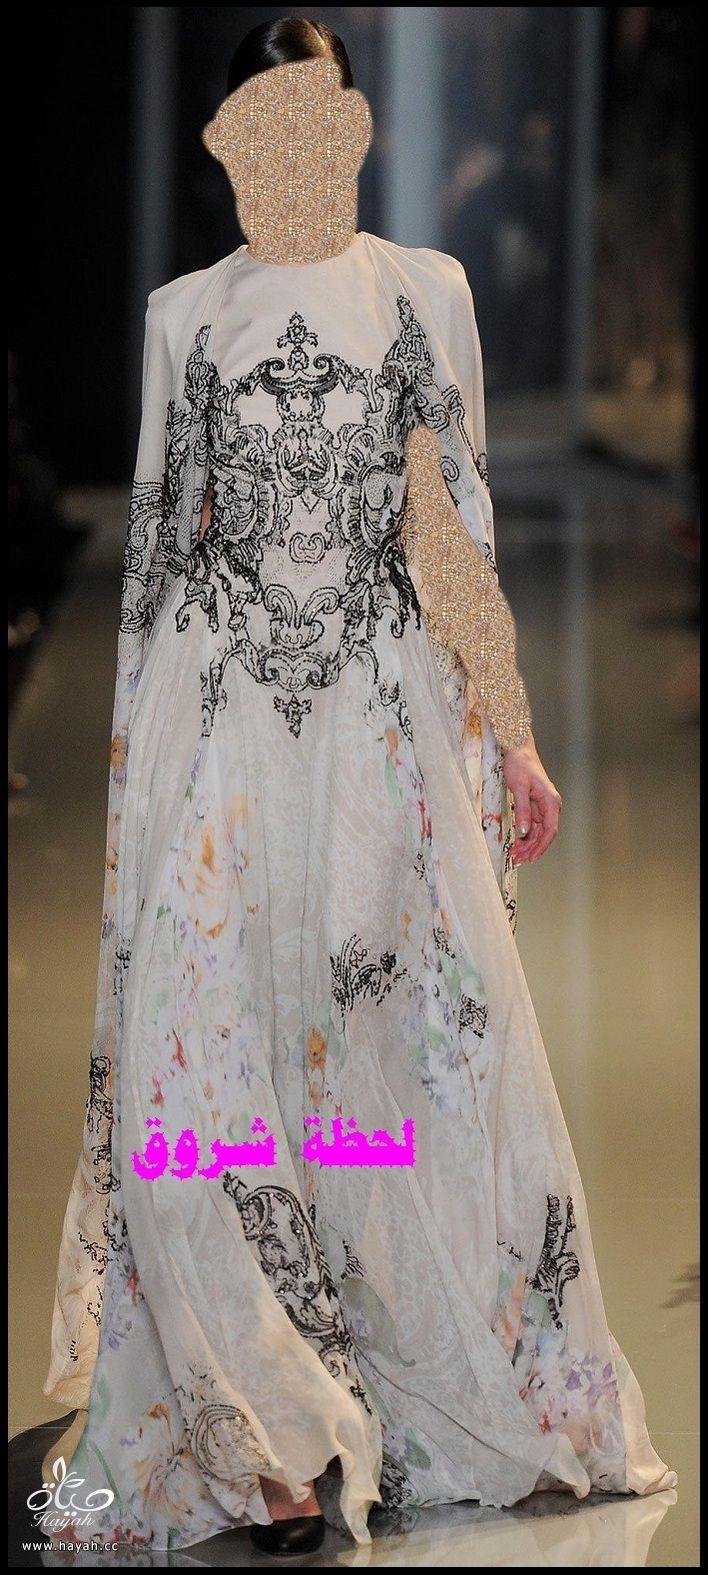 فساتين سهرة و سهرات مميزة جديدة Evening Dresses2013 hayahcc_1370028329_416.jpg